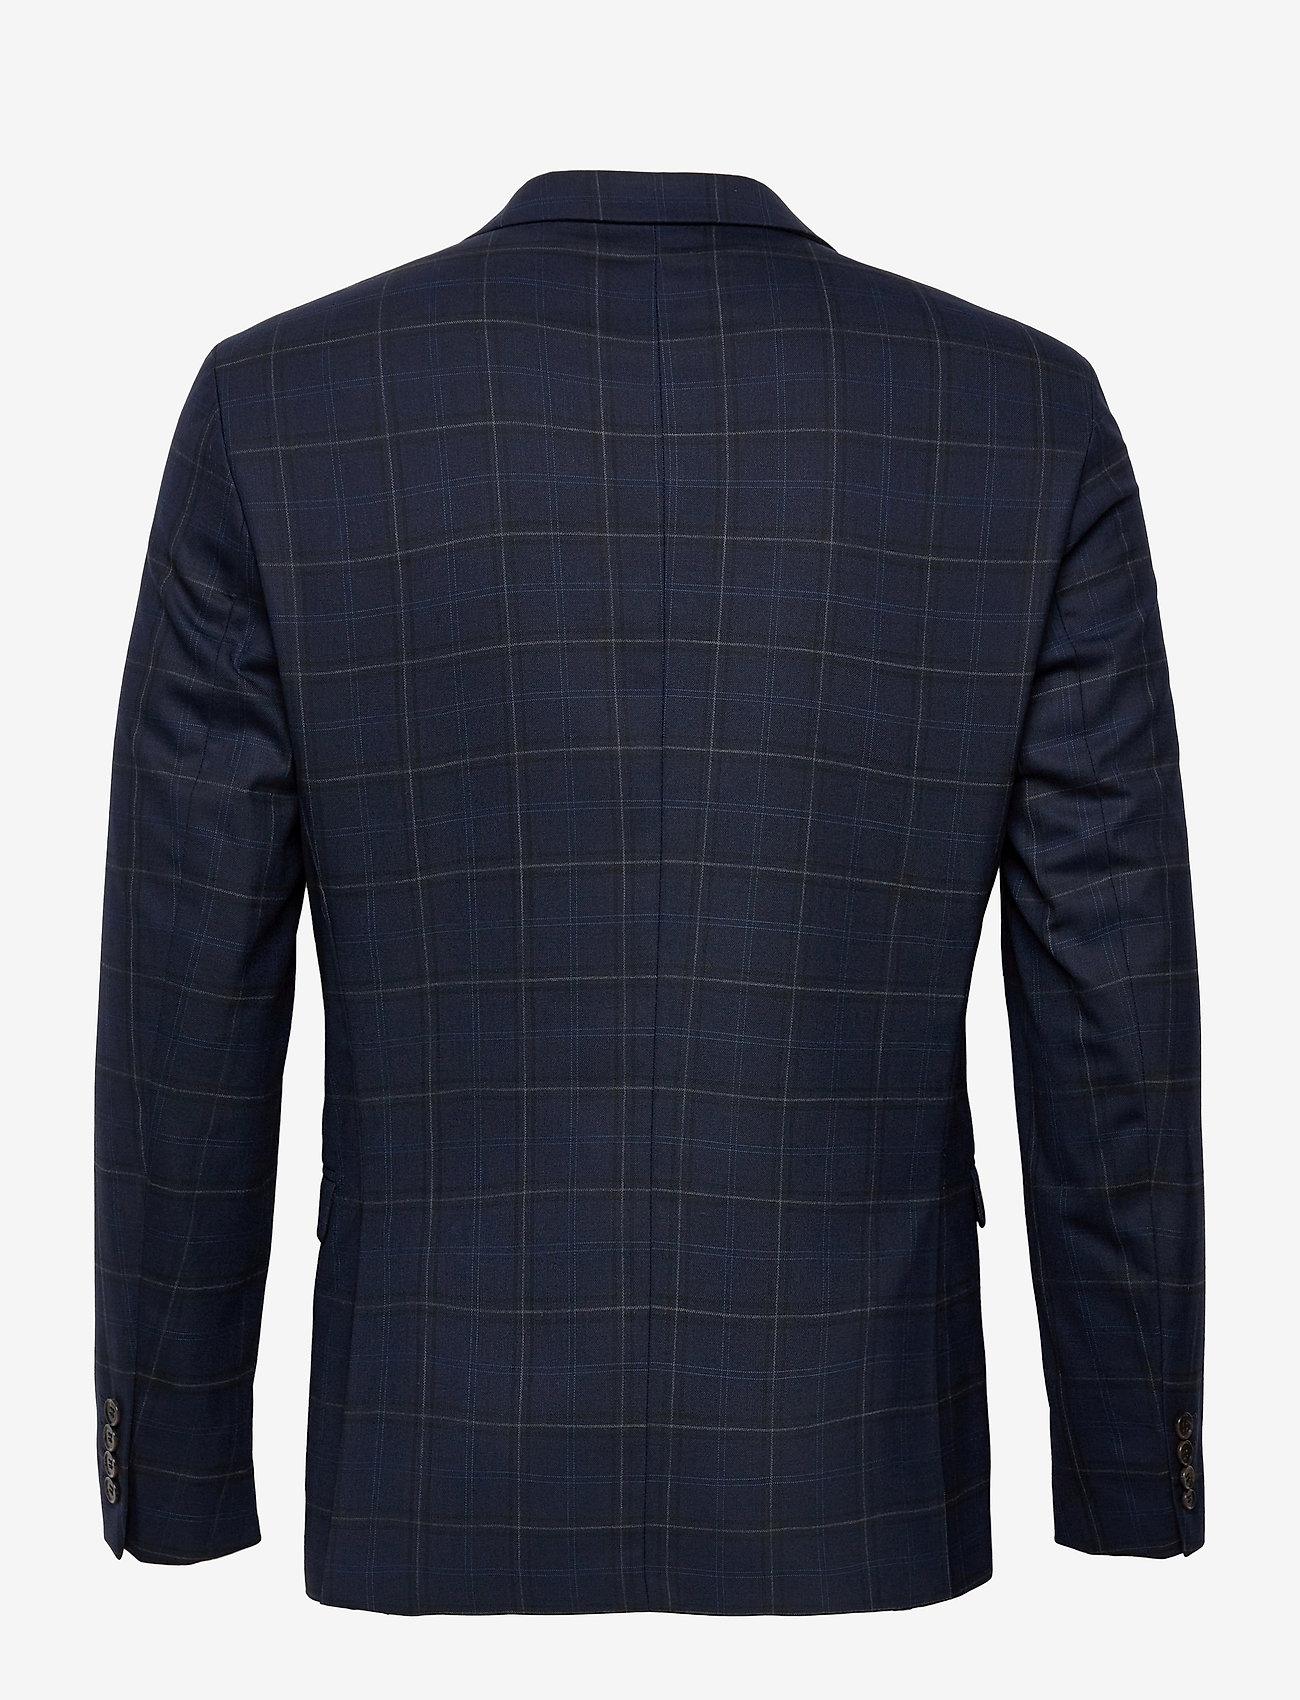 Selected Homme - SLHSLIM-MYLOBILL DK BLU GRCHK BLZ B - blazers met enkele rij knopen - dark blue - 1